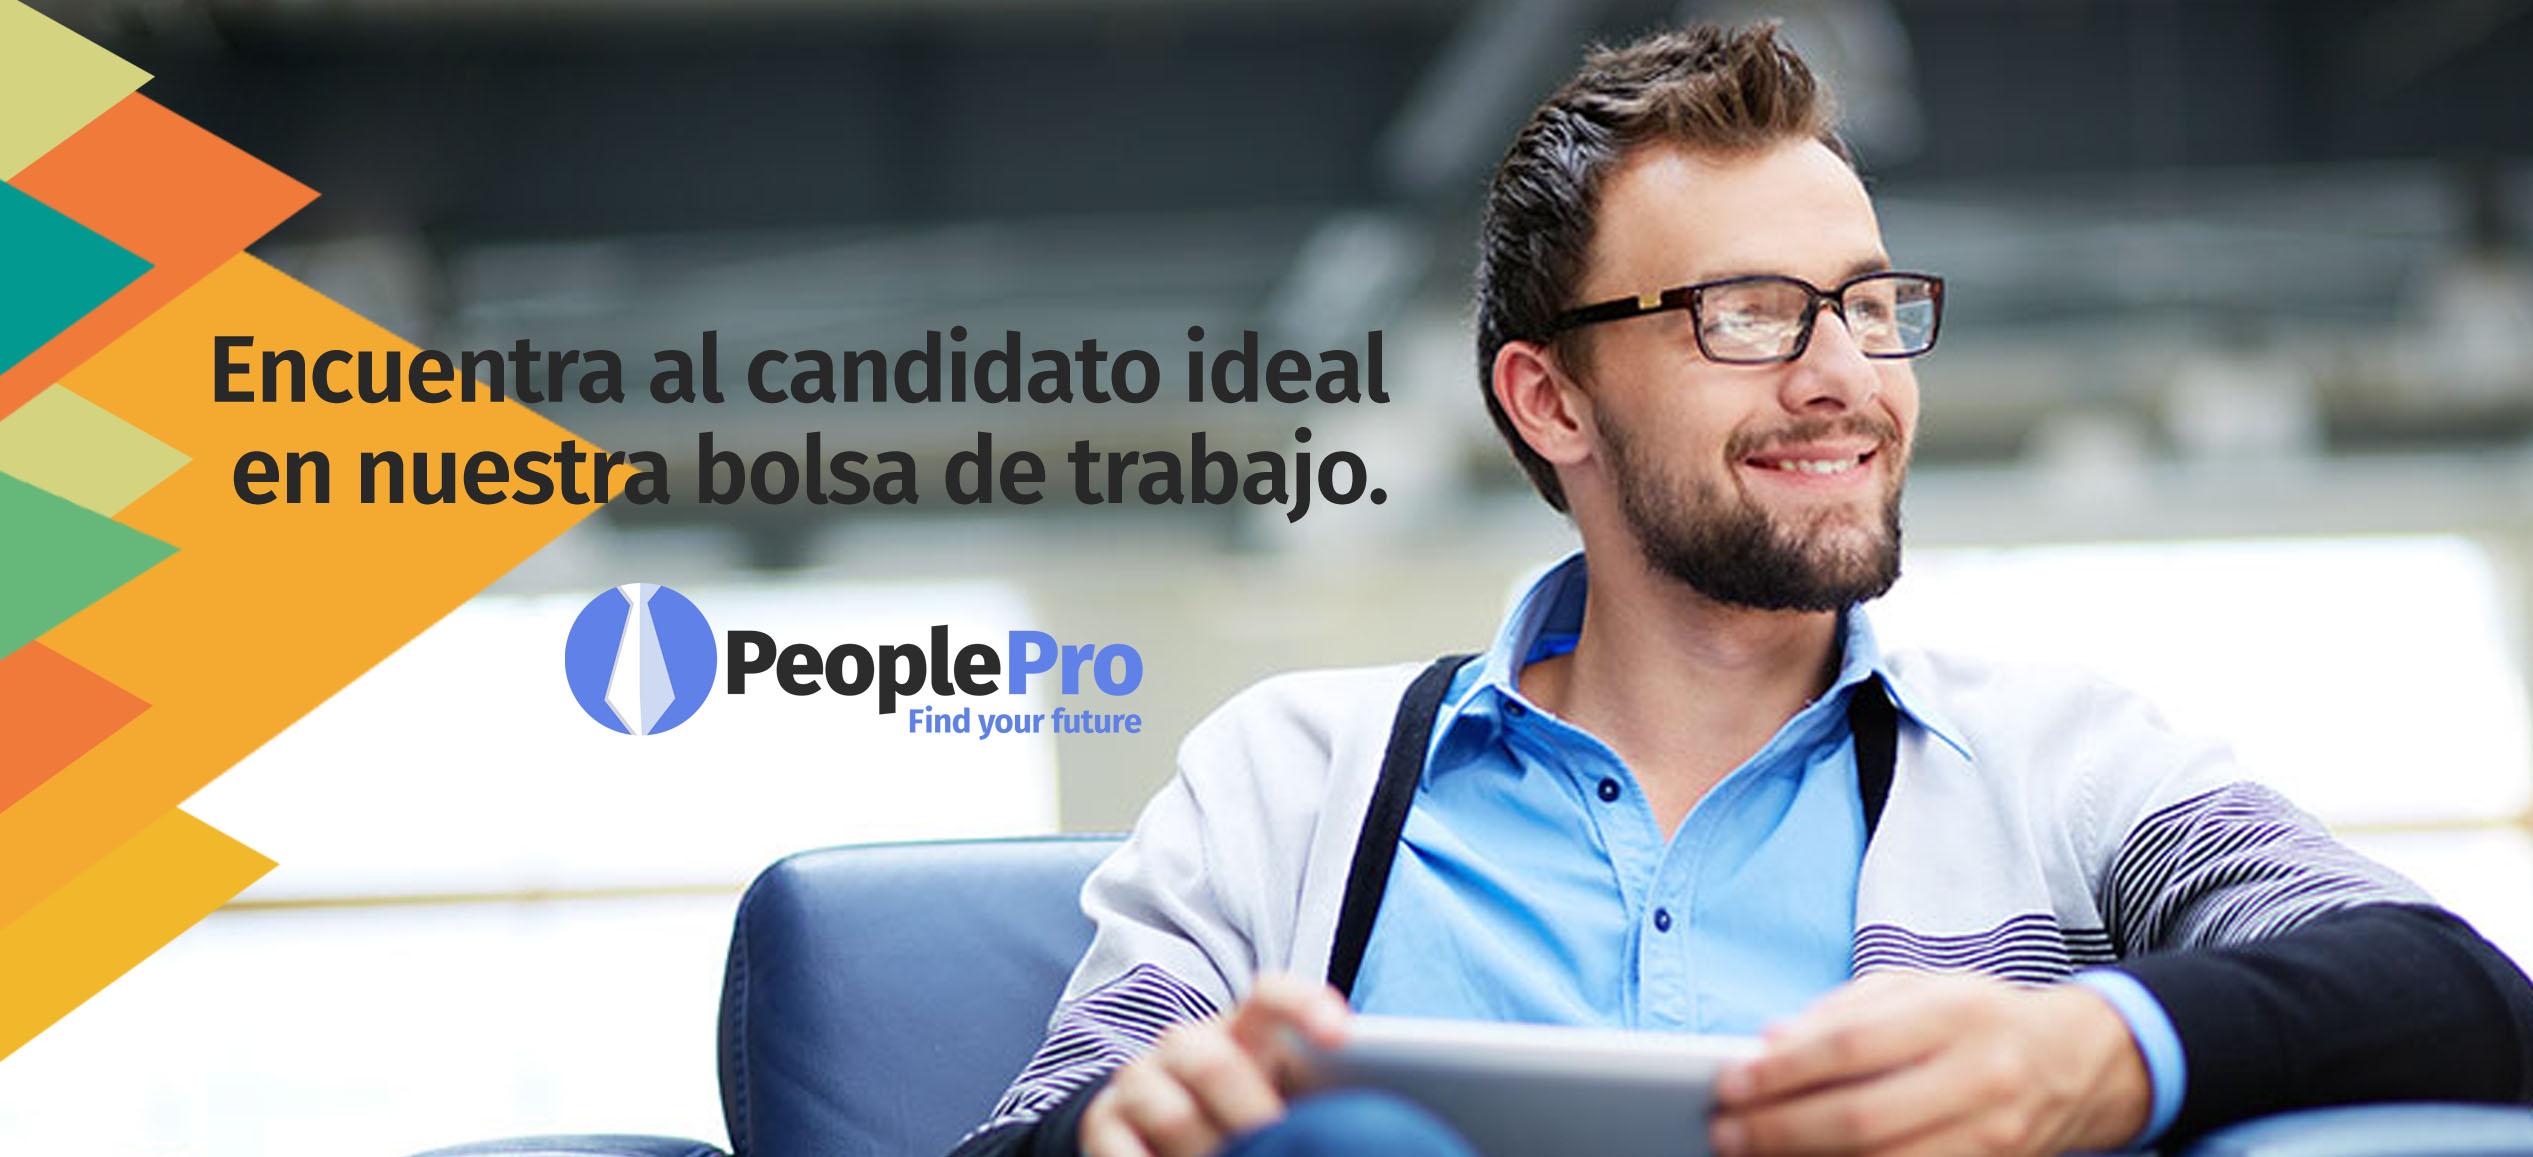 people-pro-la-nueva-bolsa-de-trabajo